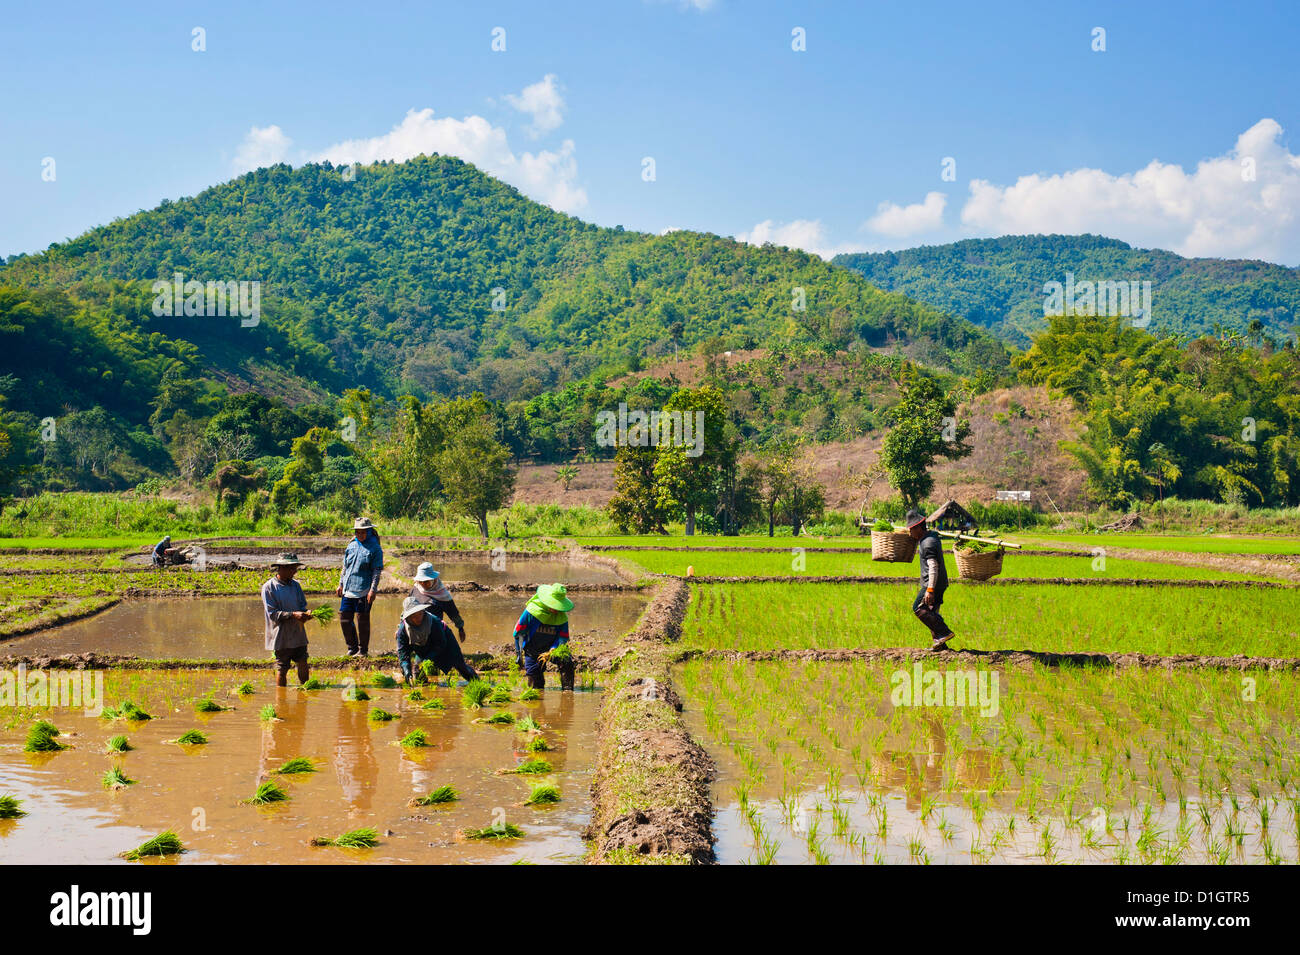 Tribù Lahu persone che piantano il riso in le risaie, Chiang Rai, Thailandia, Sud-est asiatico, in Asia Immagini Stock